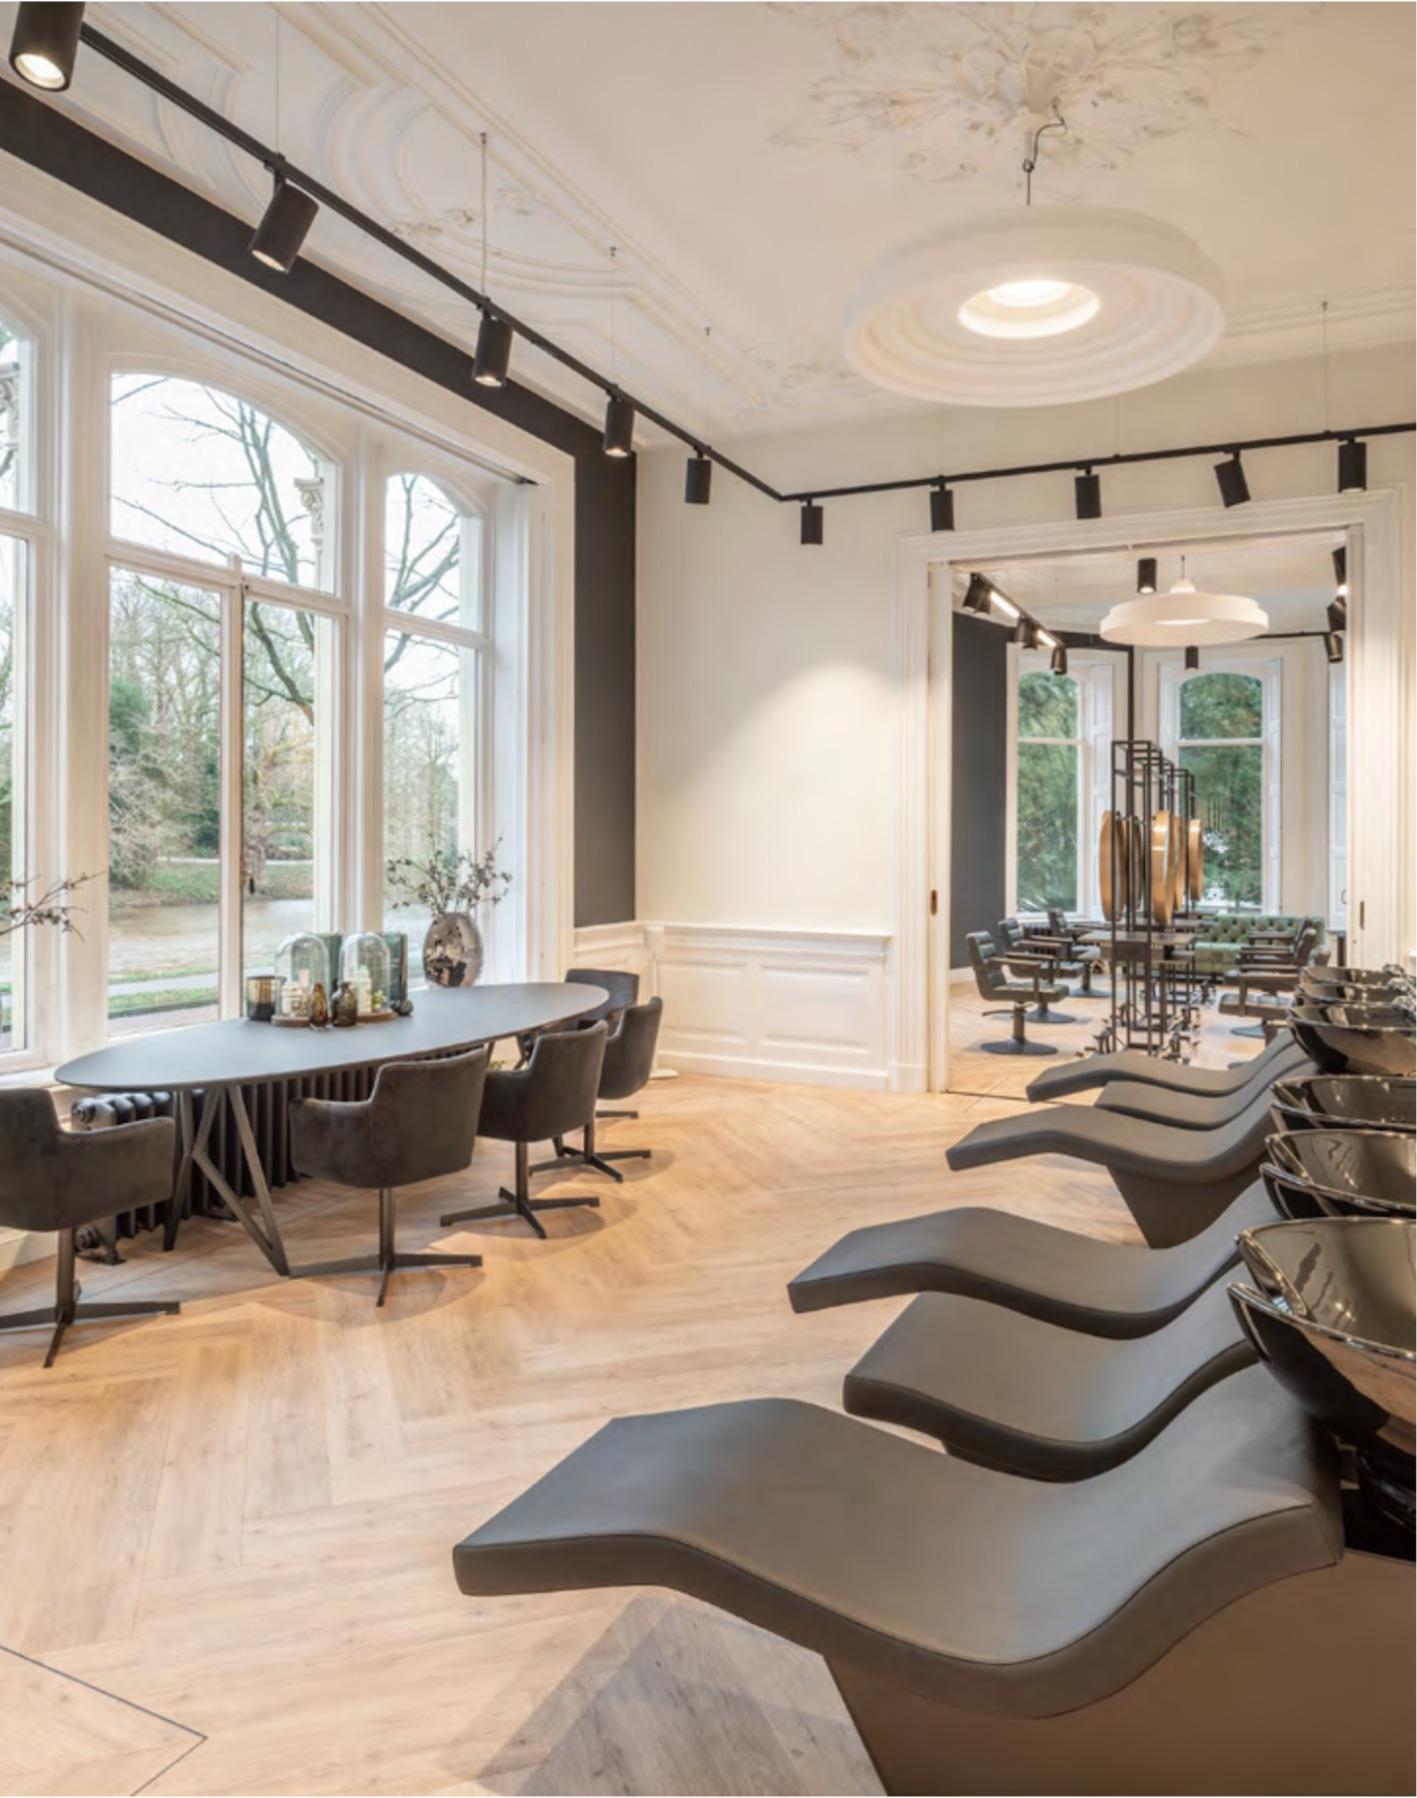 Salon van de maand: Hair Plaza in Zwolle